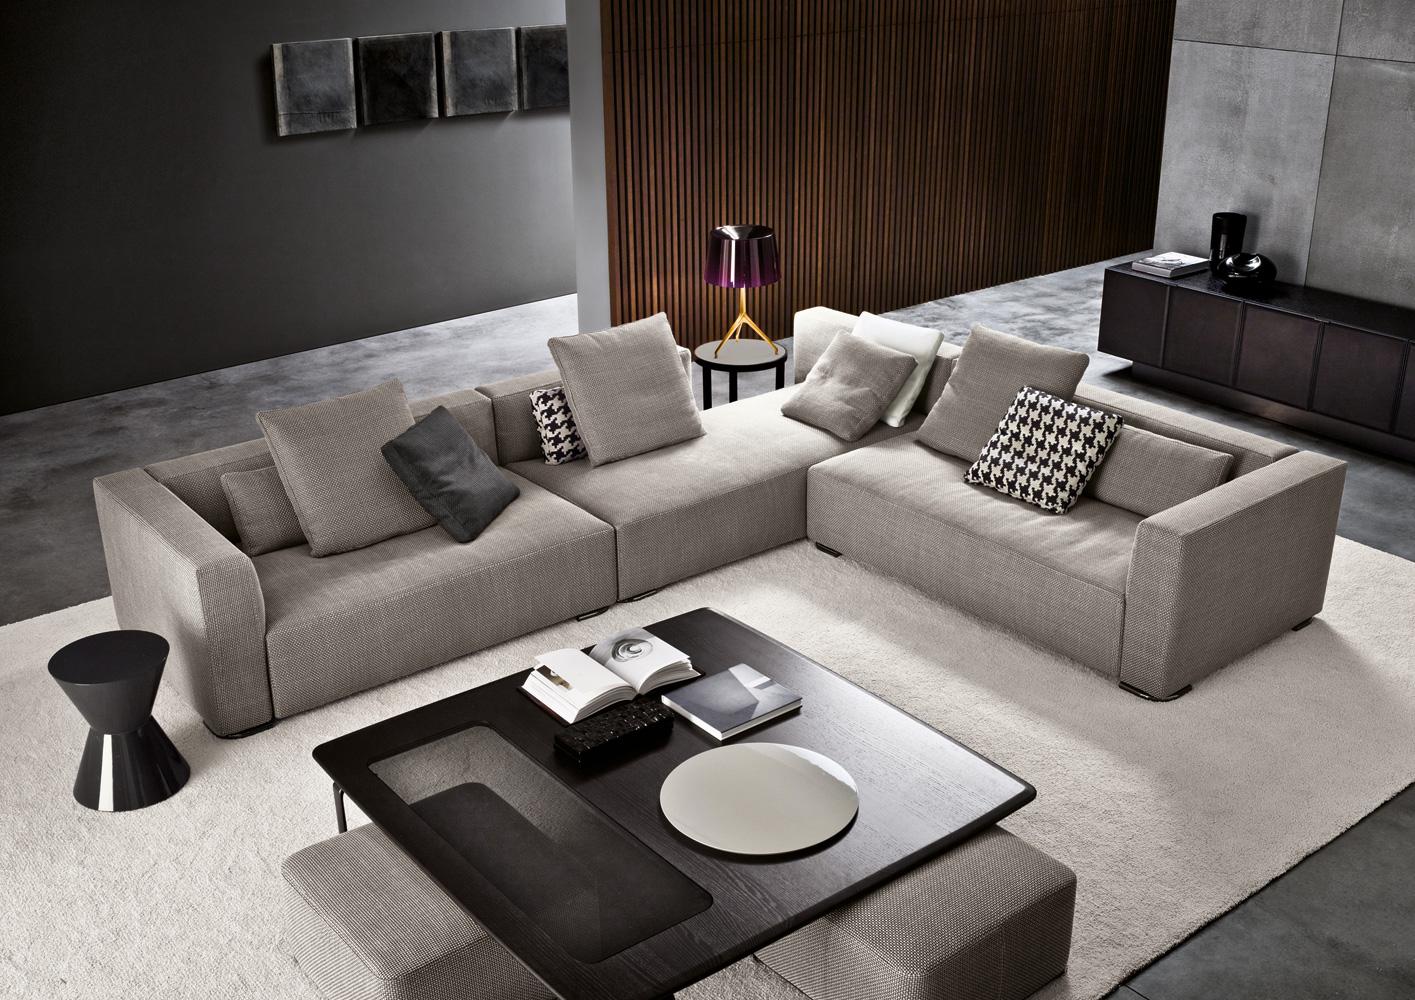 Donovan di minotti divani e poltrone arredamento for Immagini design